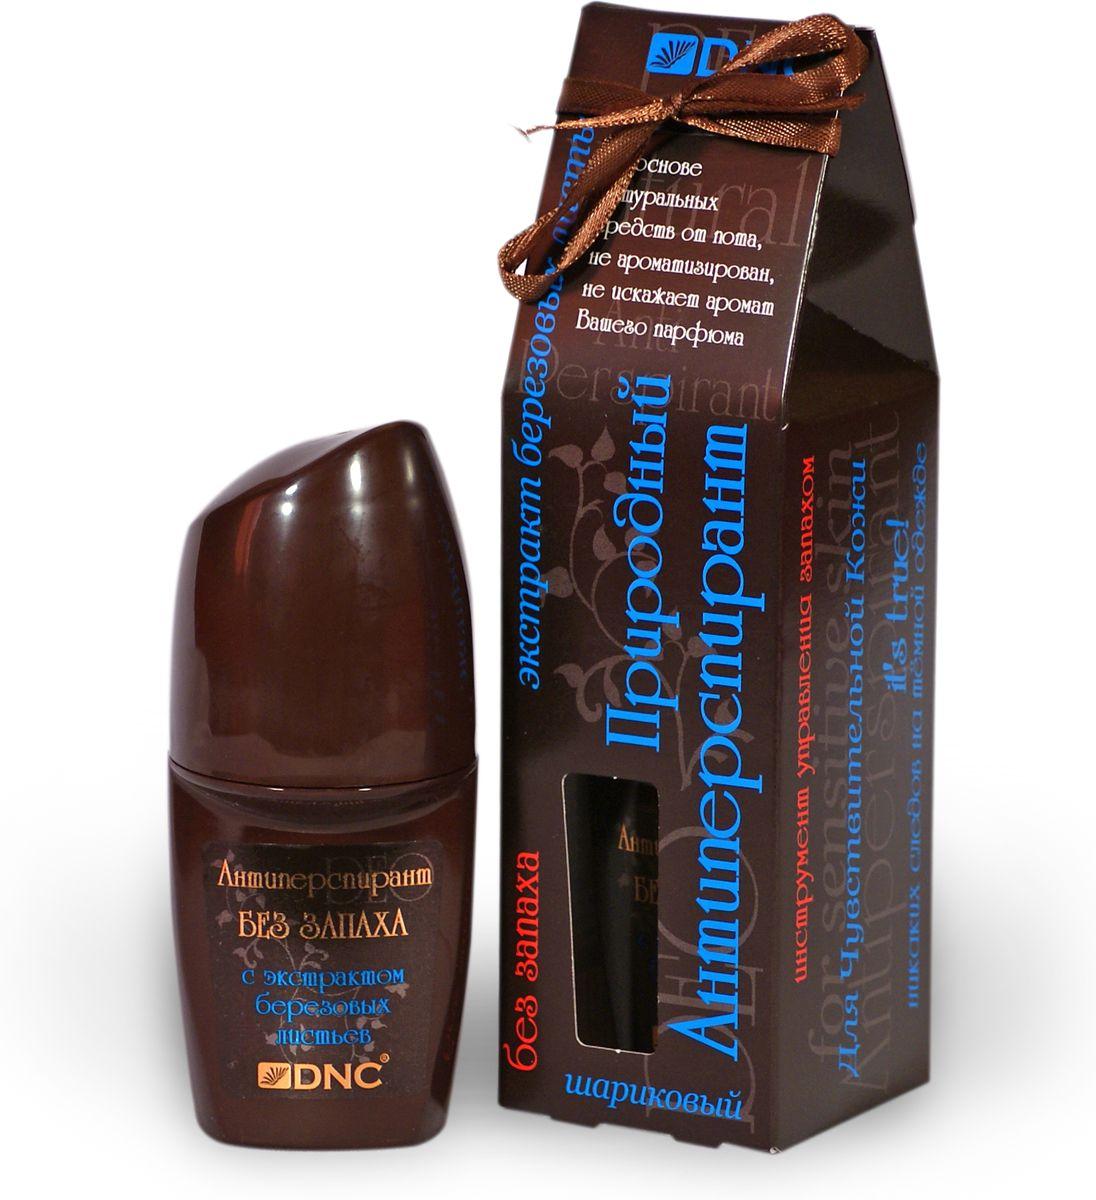 Природный антиперспирант DNC Экстракт березовых листьев, шариковый, для чувствительной кожи, без запаха, 50 млSatin Hair 7 BR730MNУменьшает выделение пота и препятствует появлению влажных пятен. Исключает возникновение запаха пота в течение 24 часов. Работает деликатно и действенно - на основе природных компонентов. Безопасен для чувствительной кожи. Легко наносится и быстро высыхает, не оставляя следов на одежде. Пластик, 50 мл.